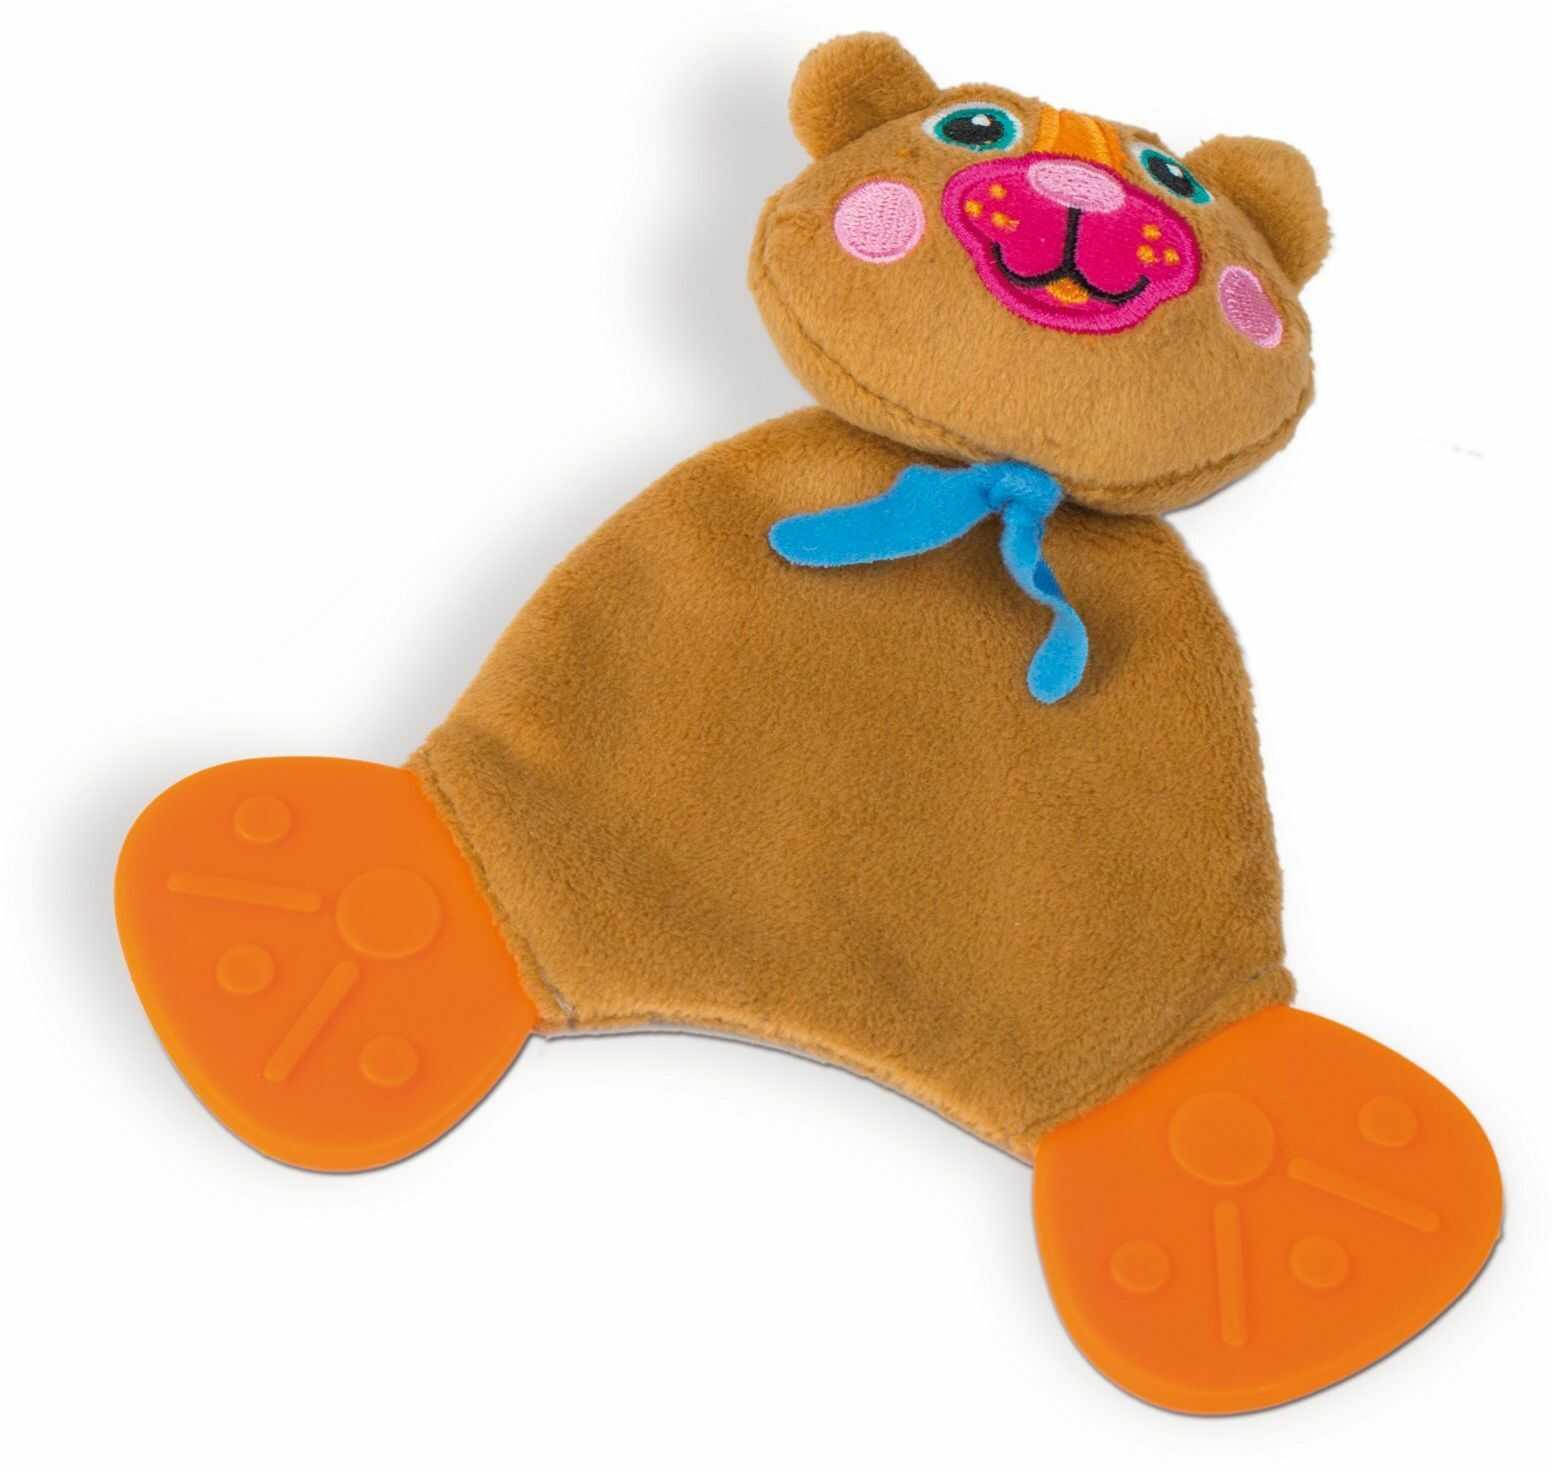 OOPS 10008.11 gryzak miękka kolekcja Easy-Doudou przyjaciele miś kołdra zabawka, wielokolorowa